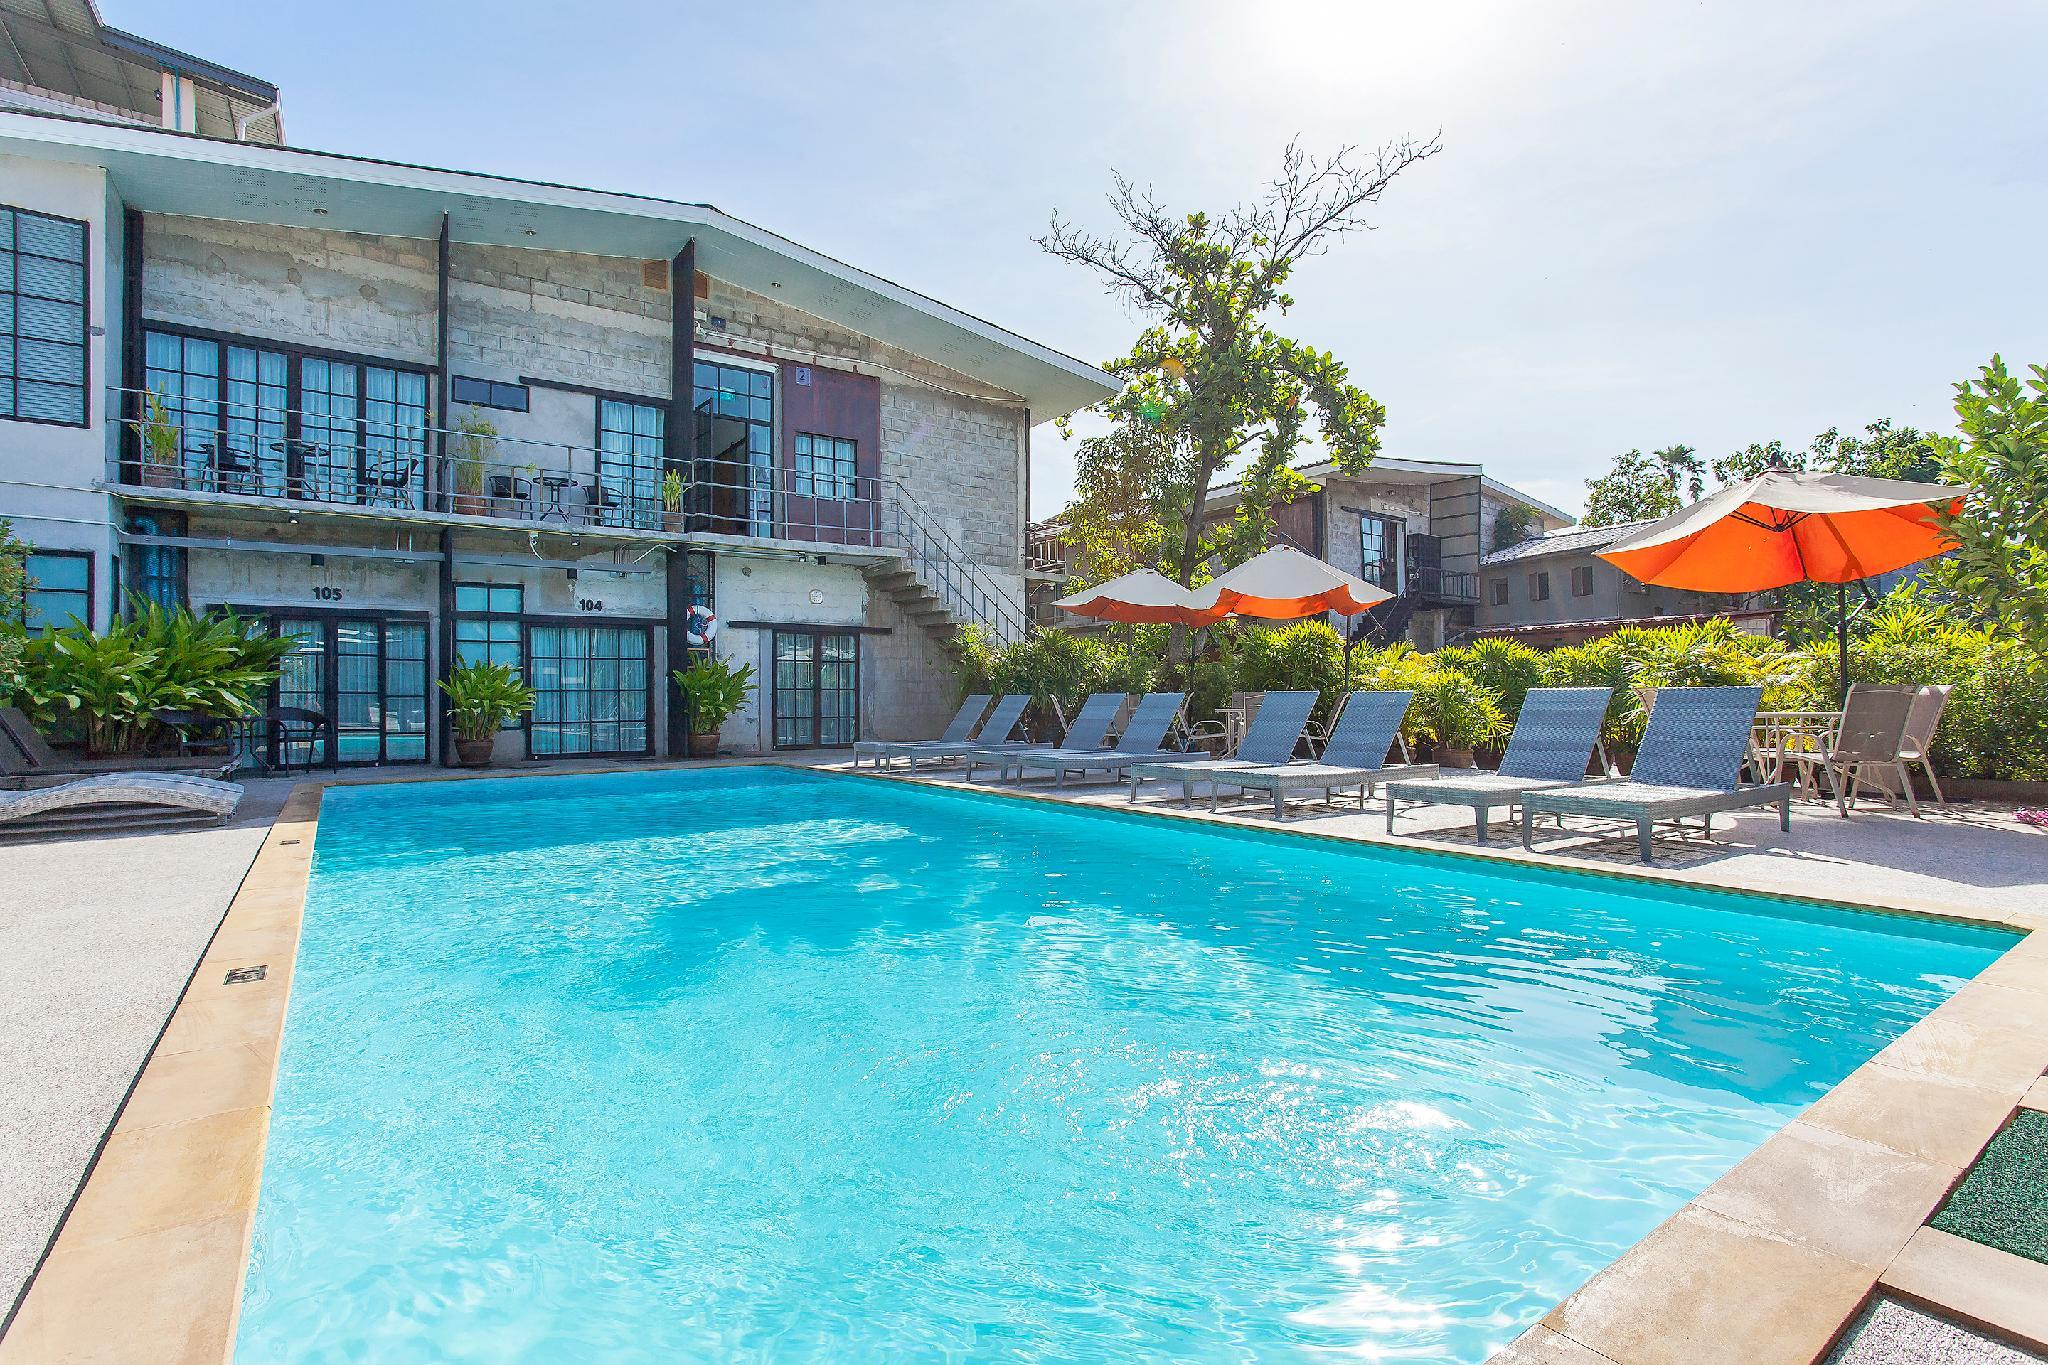 Blue Bell Resort 12BR Sleeps 24 W  Pool In City